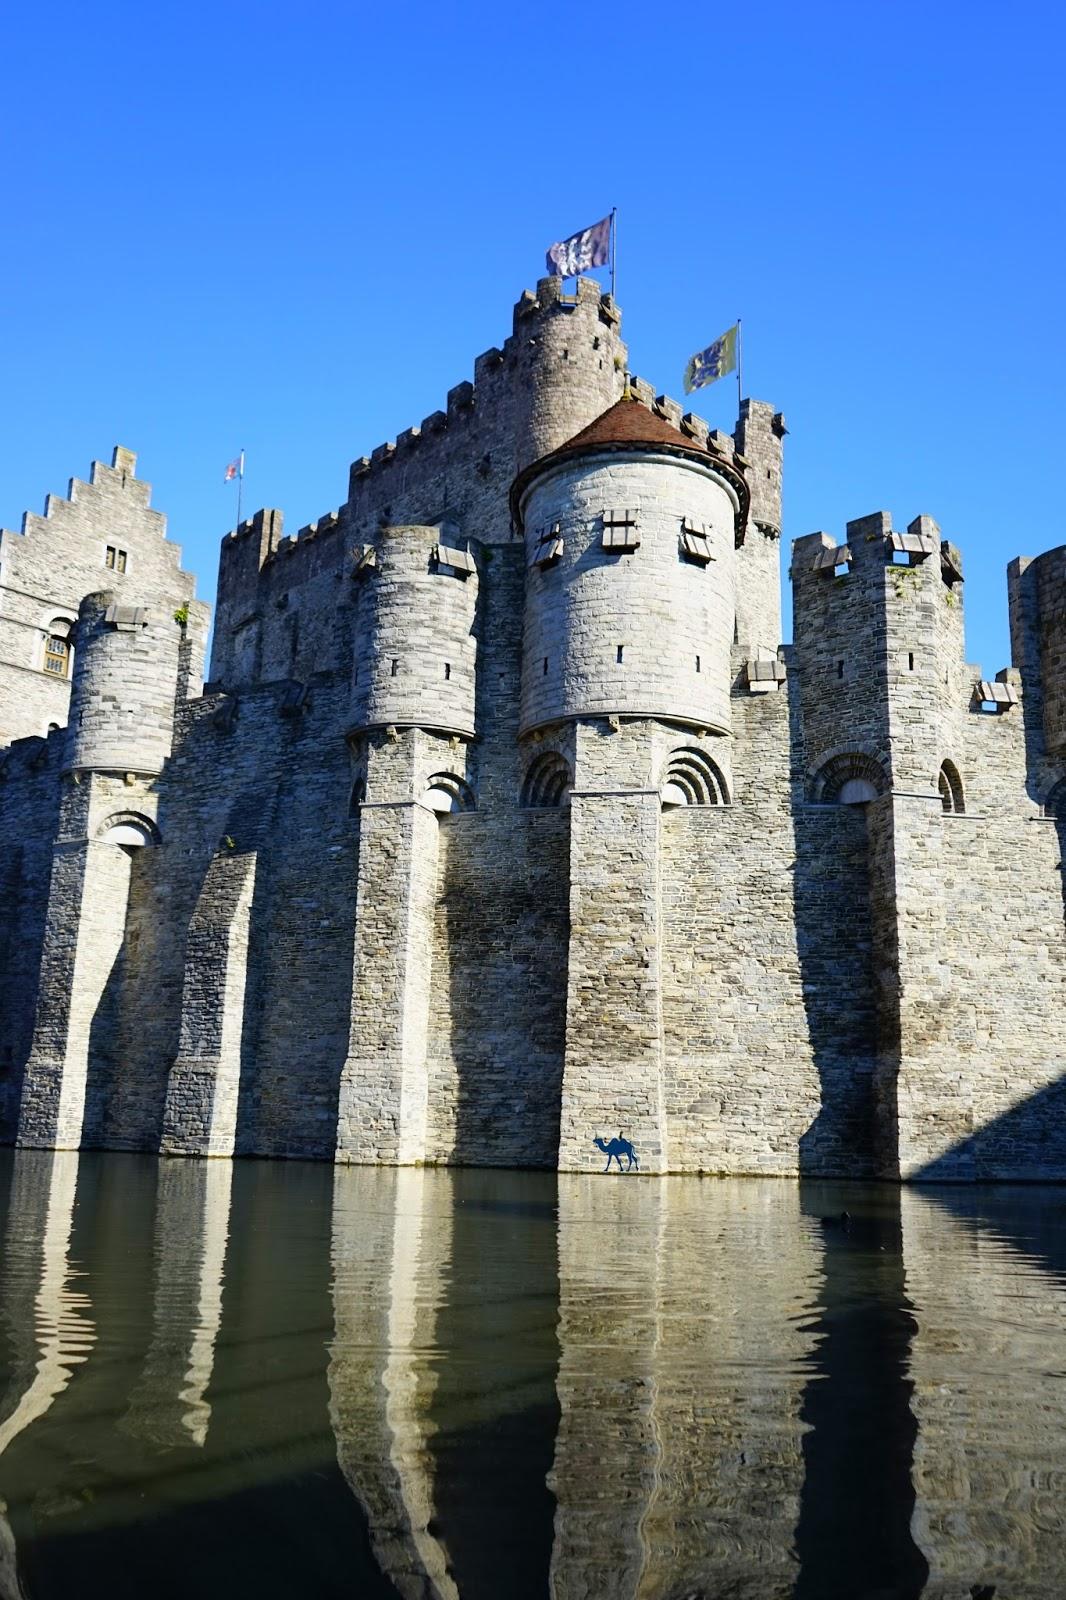 Le Chameau Bleu  -Blog Voyage Gand Belgique - Gand Tourisme -  Chateau des Comtes depuis les Canaux Gand Belgique